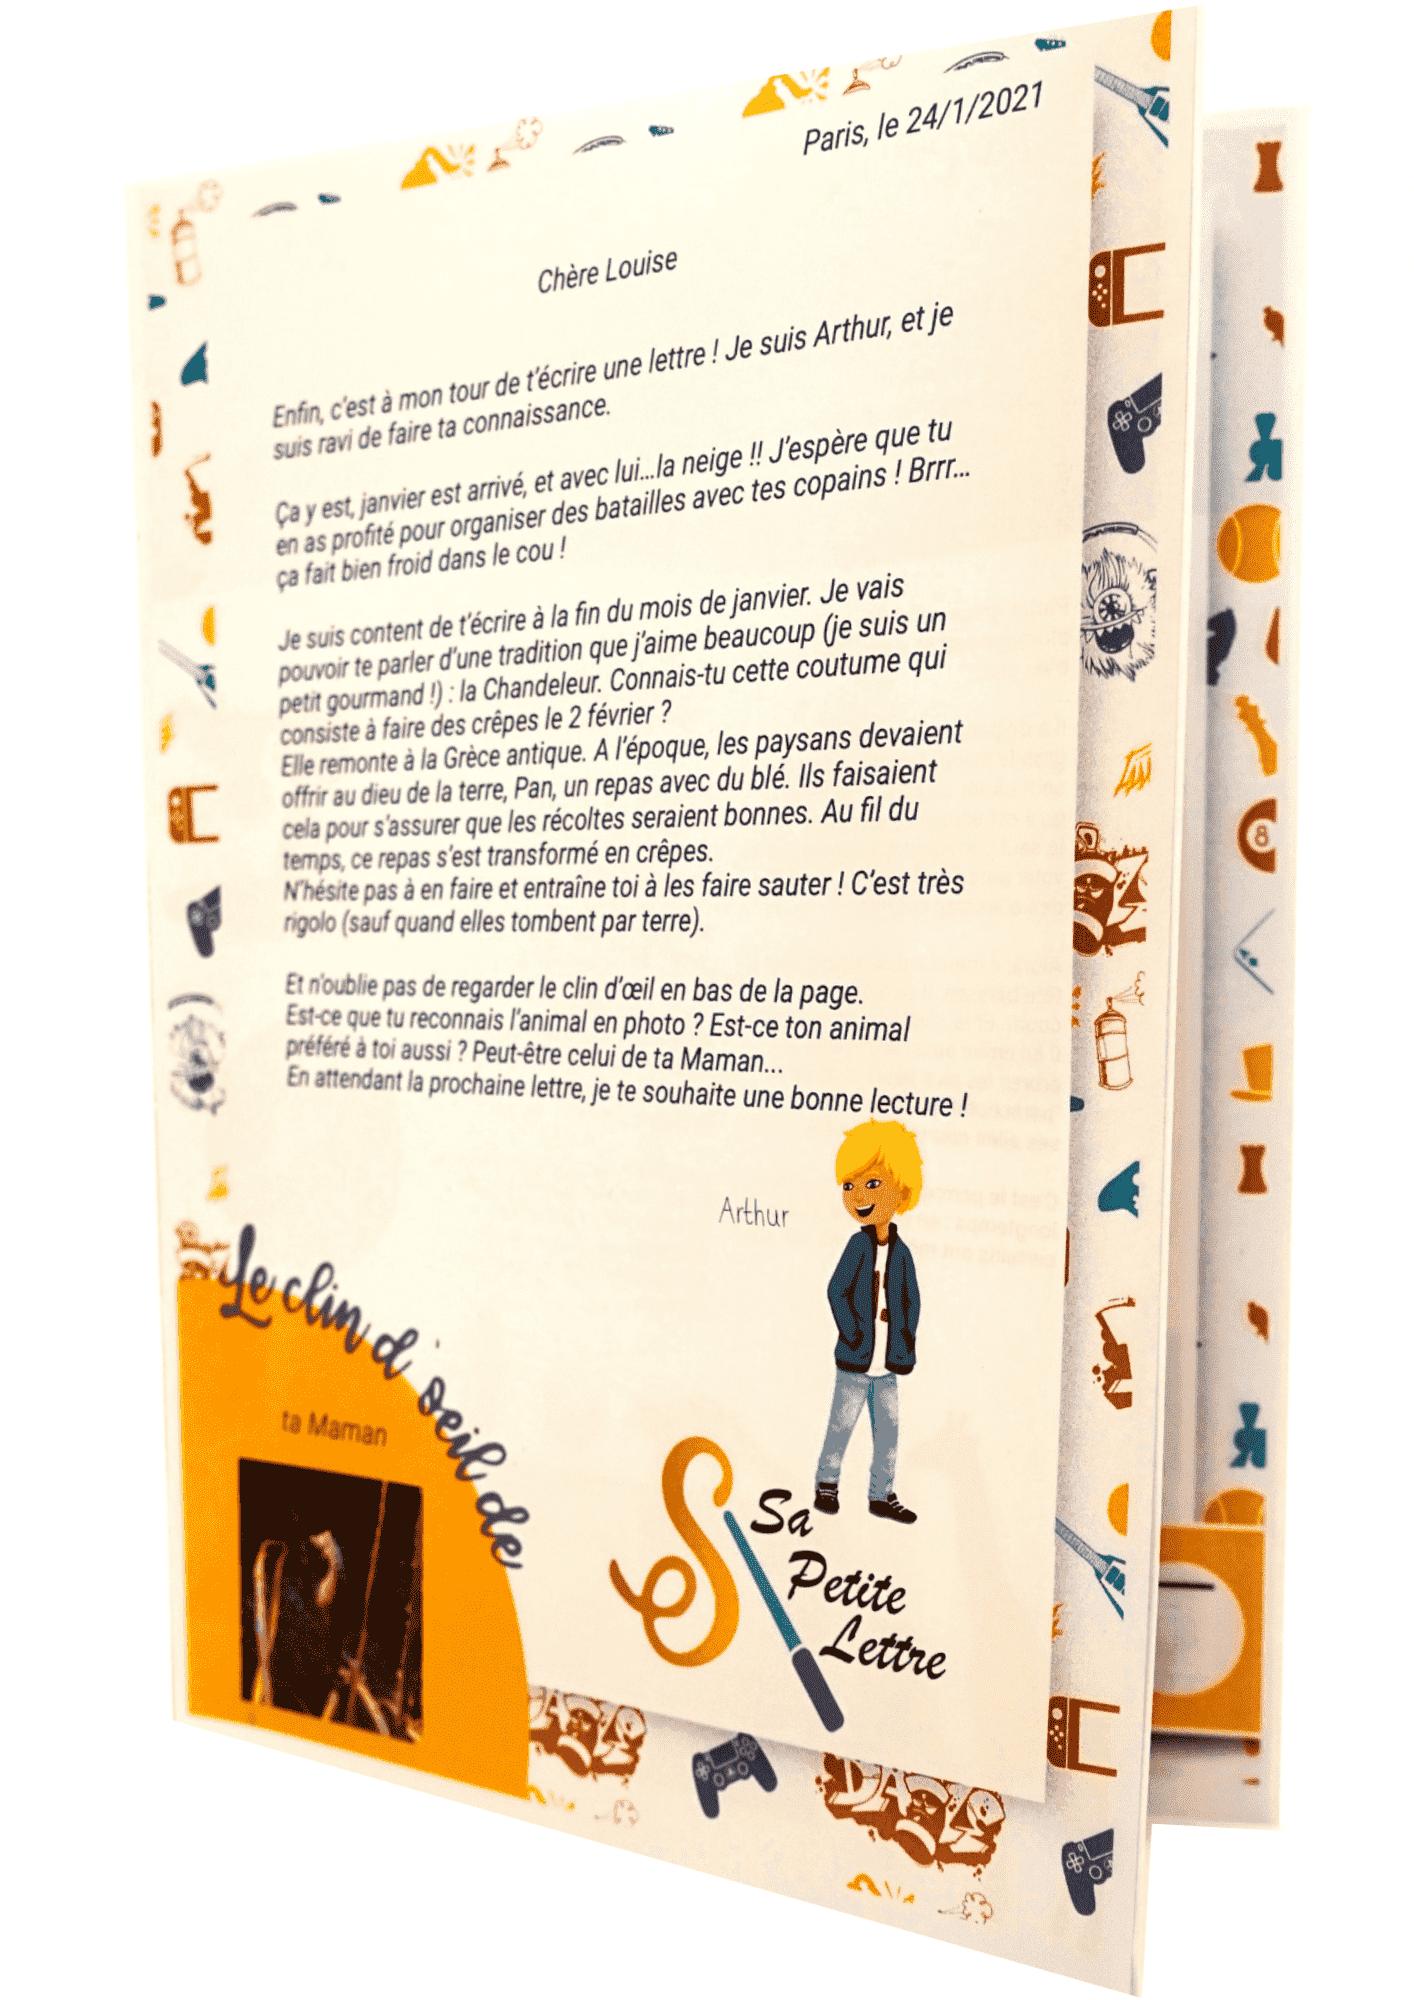 Visuel de la lettre